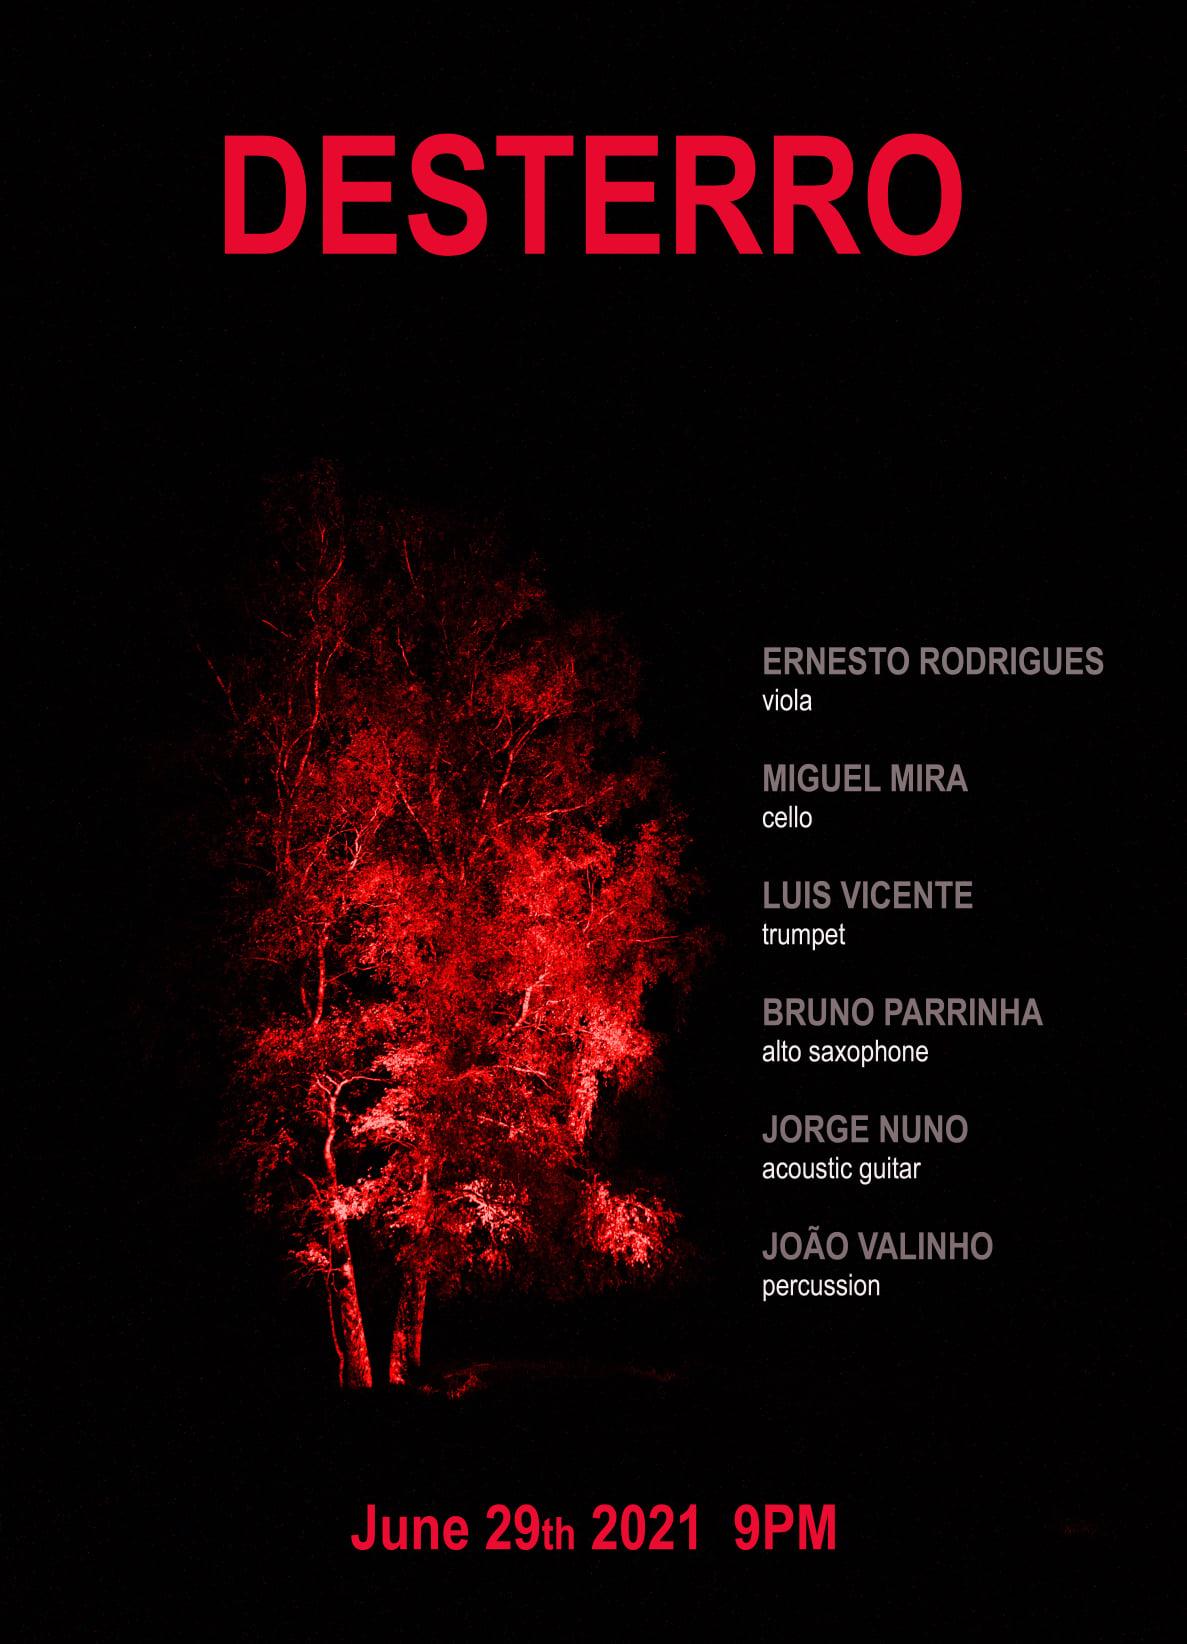 Creative Sources: Rodrigues/Parrinha/Mira/Vicente/Nuno/Valinho